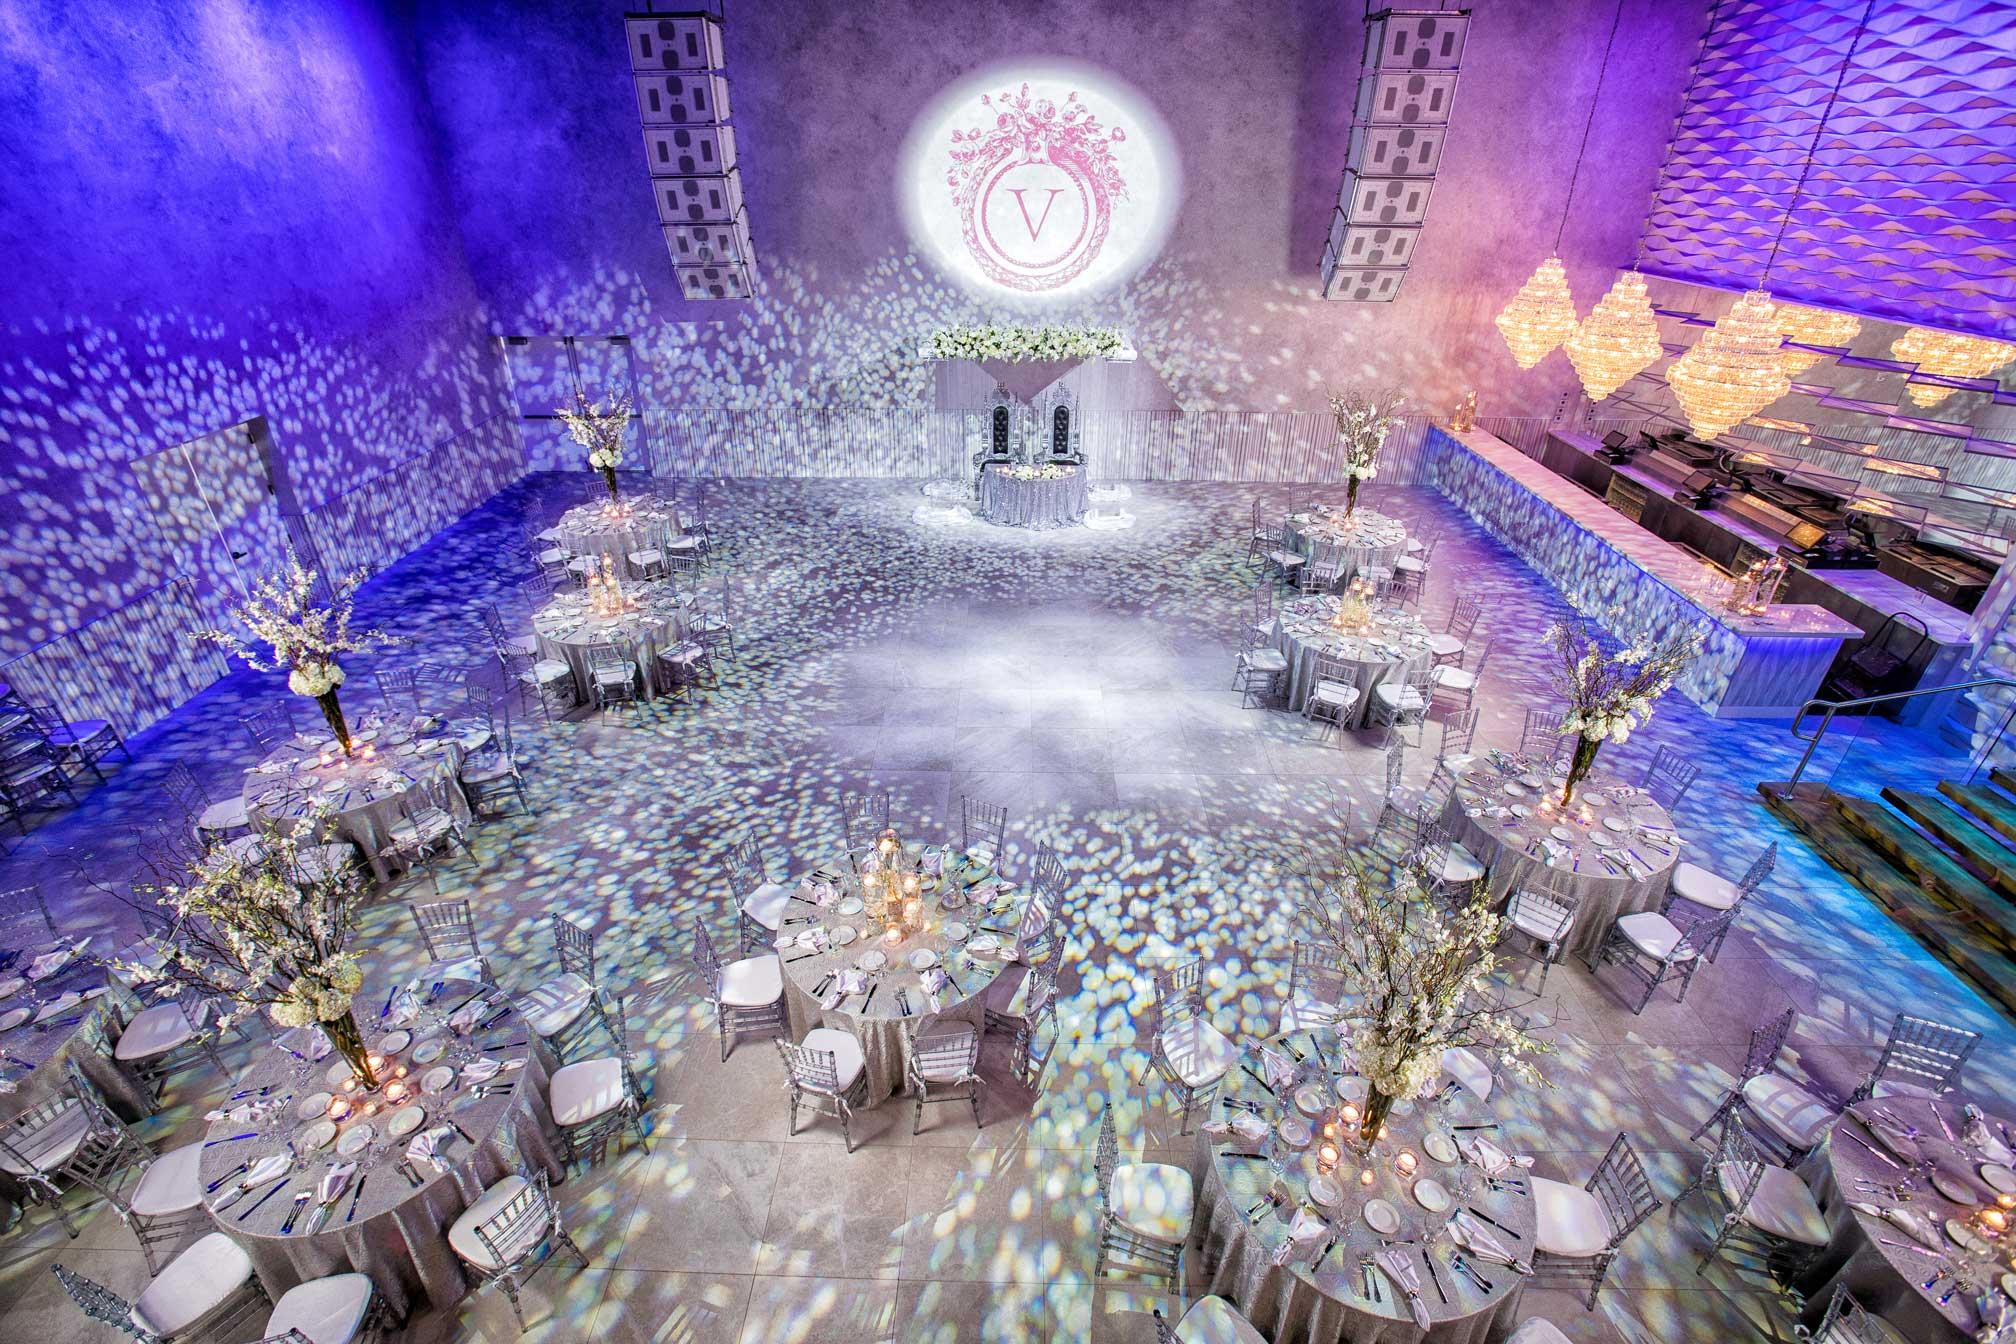 the-venue-fortlauderdale-crystalballroom (5).jpg